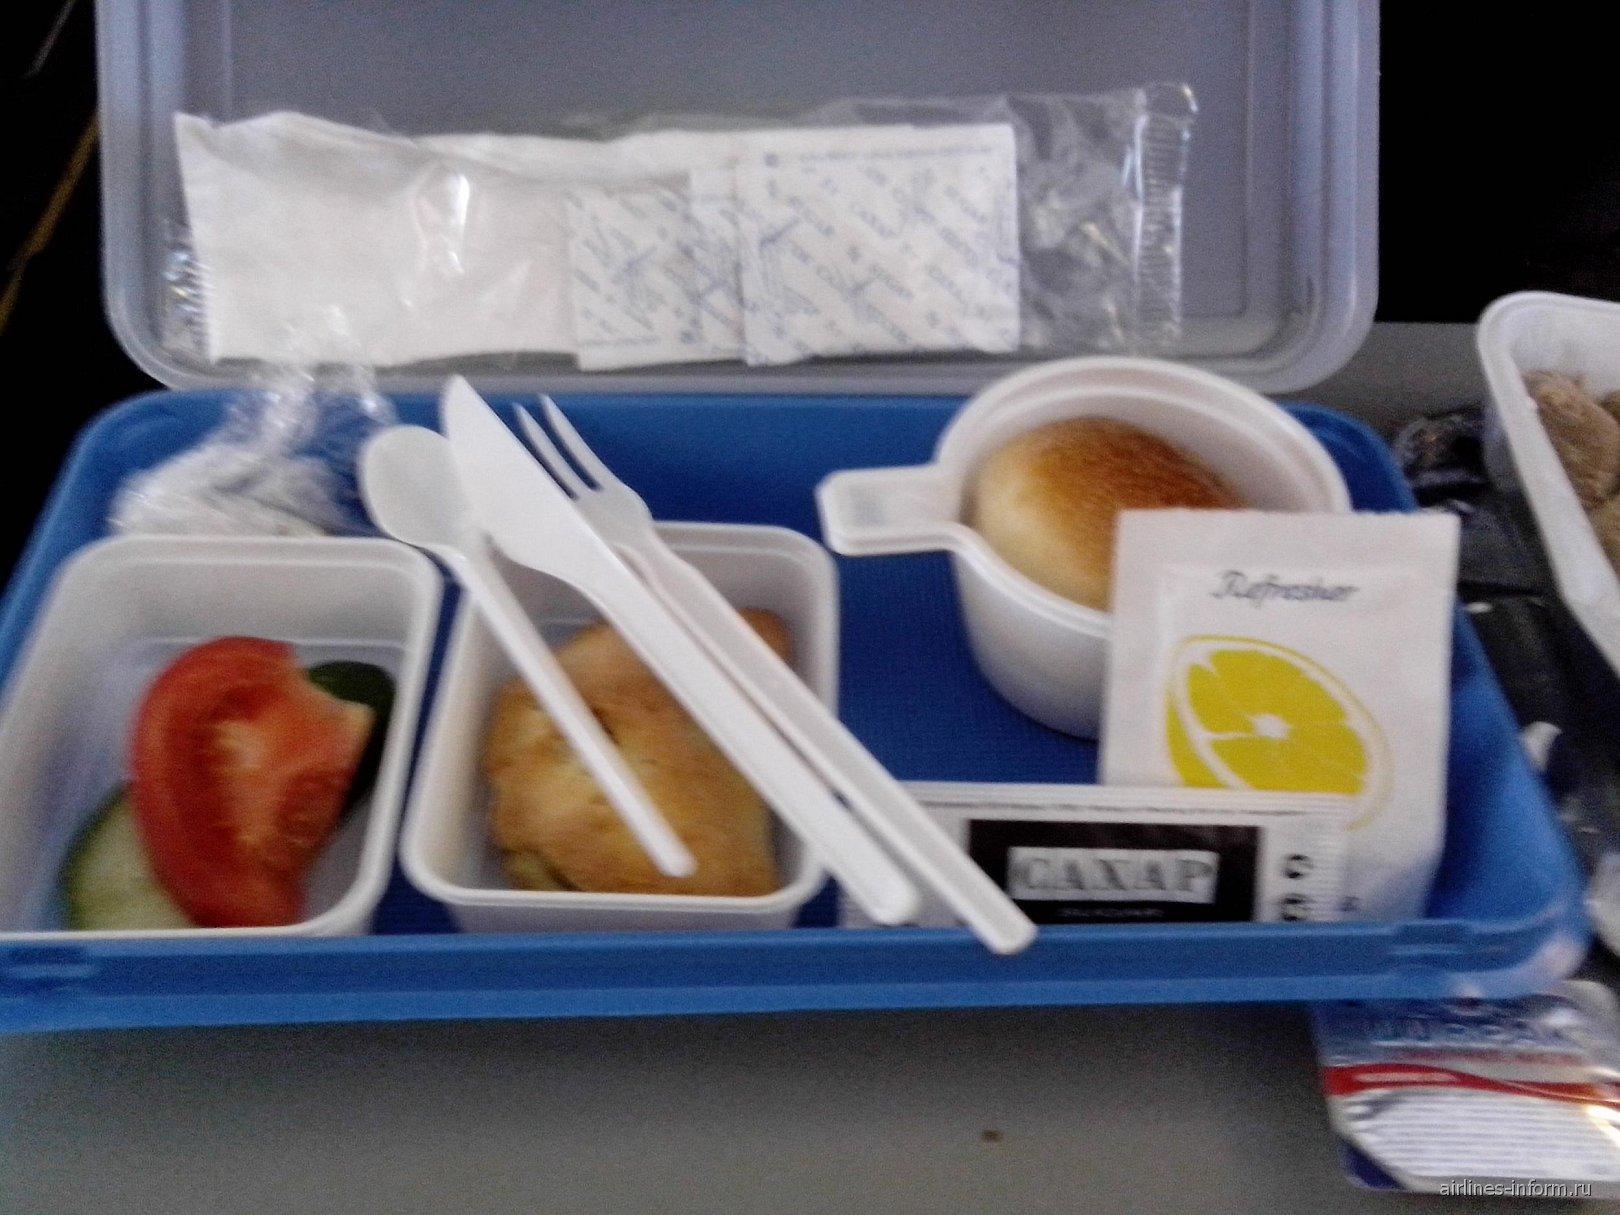 Питание на чартерном рейсе Омск-Анталья авиакомпании UTair